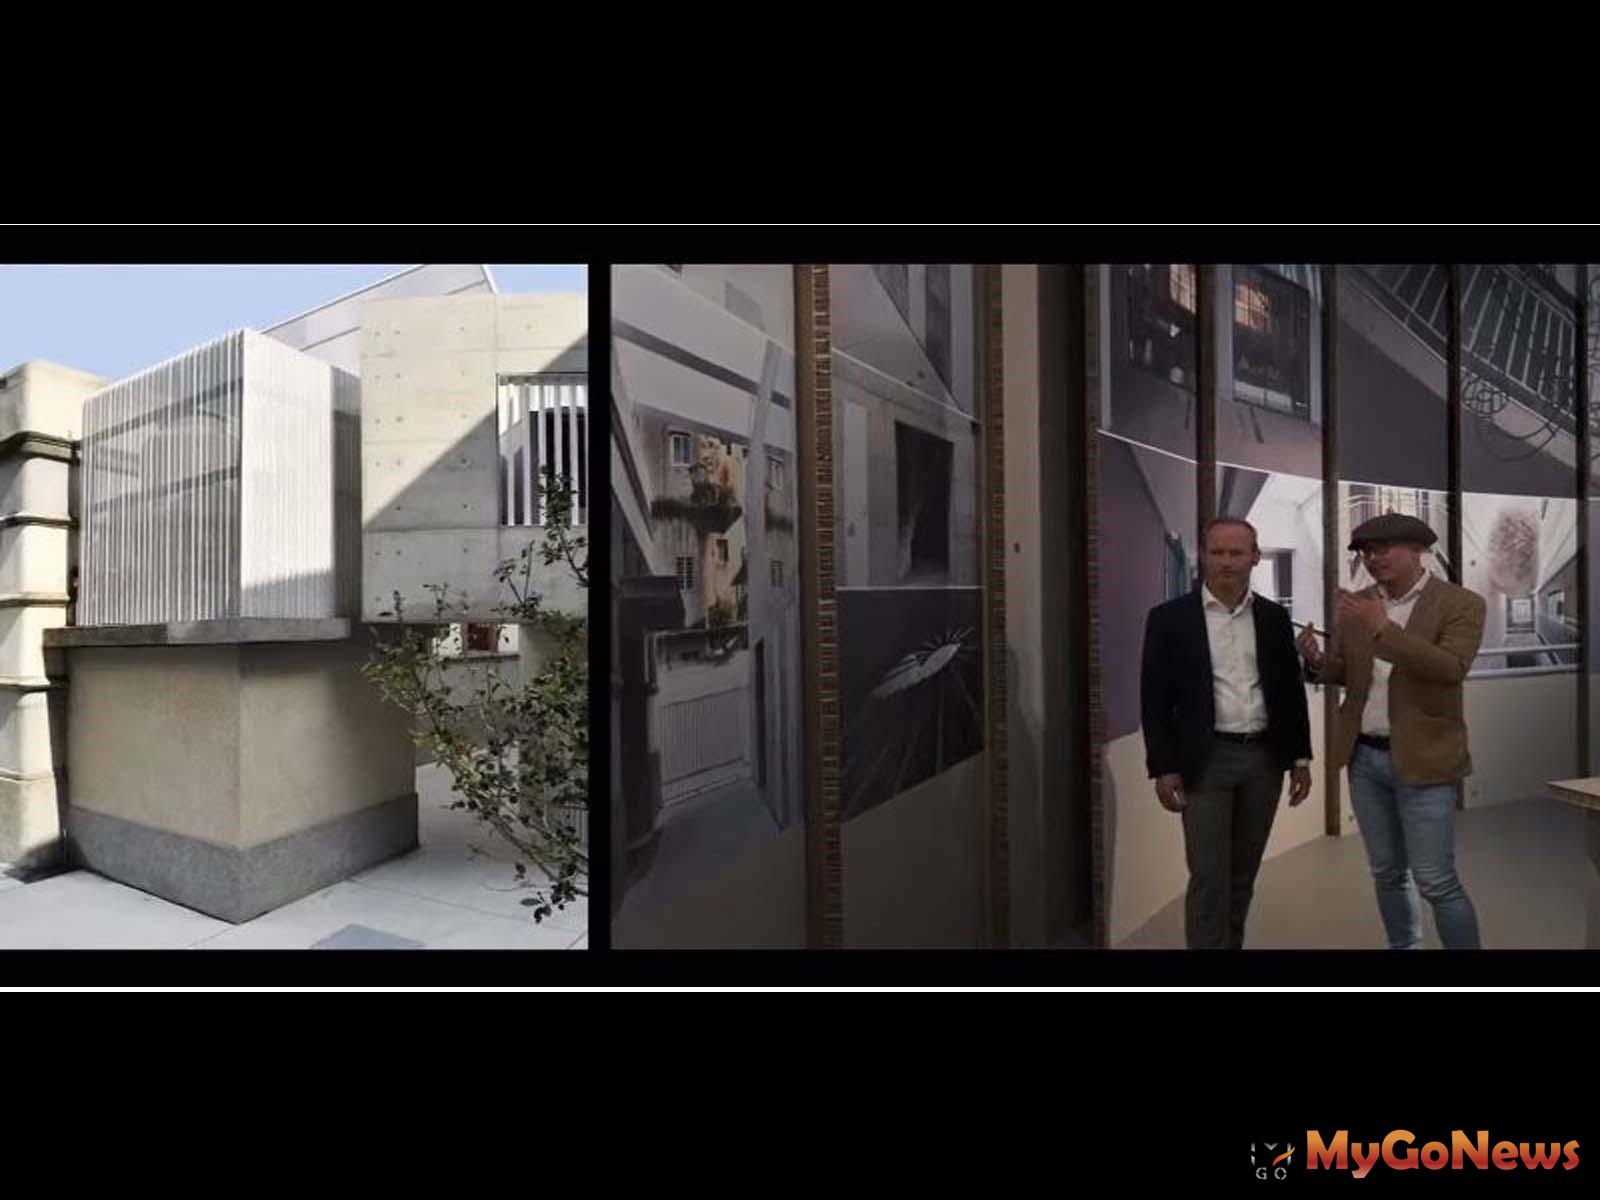 策展人裘振宇建築師向慕尼黑建築博物館館長Andres_Lepik介紹展出之台灣建築案例(圖/文化部) MyGoNews房地產新聞 Global Real Estate